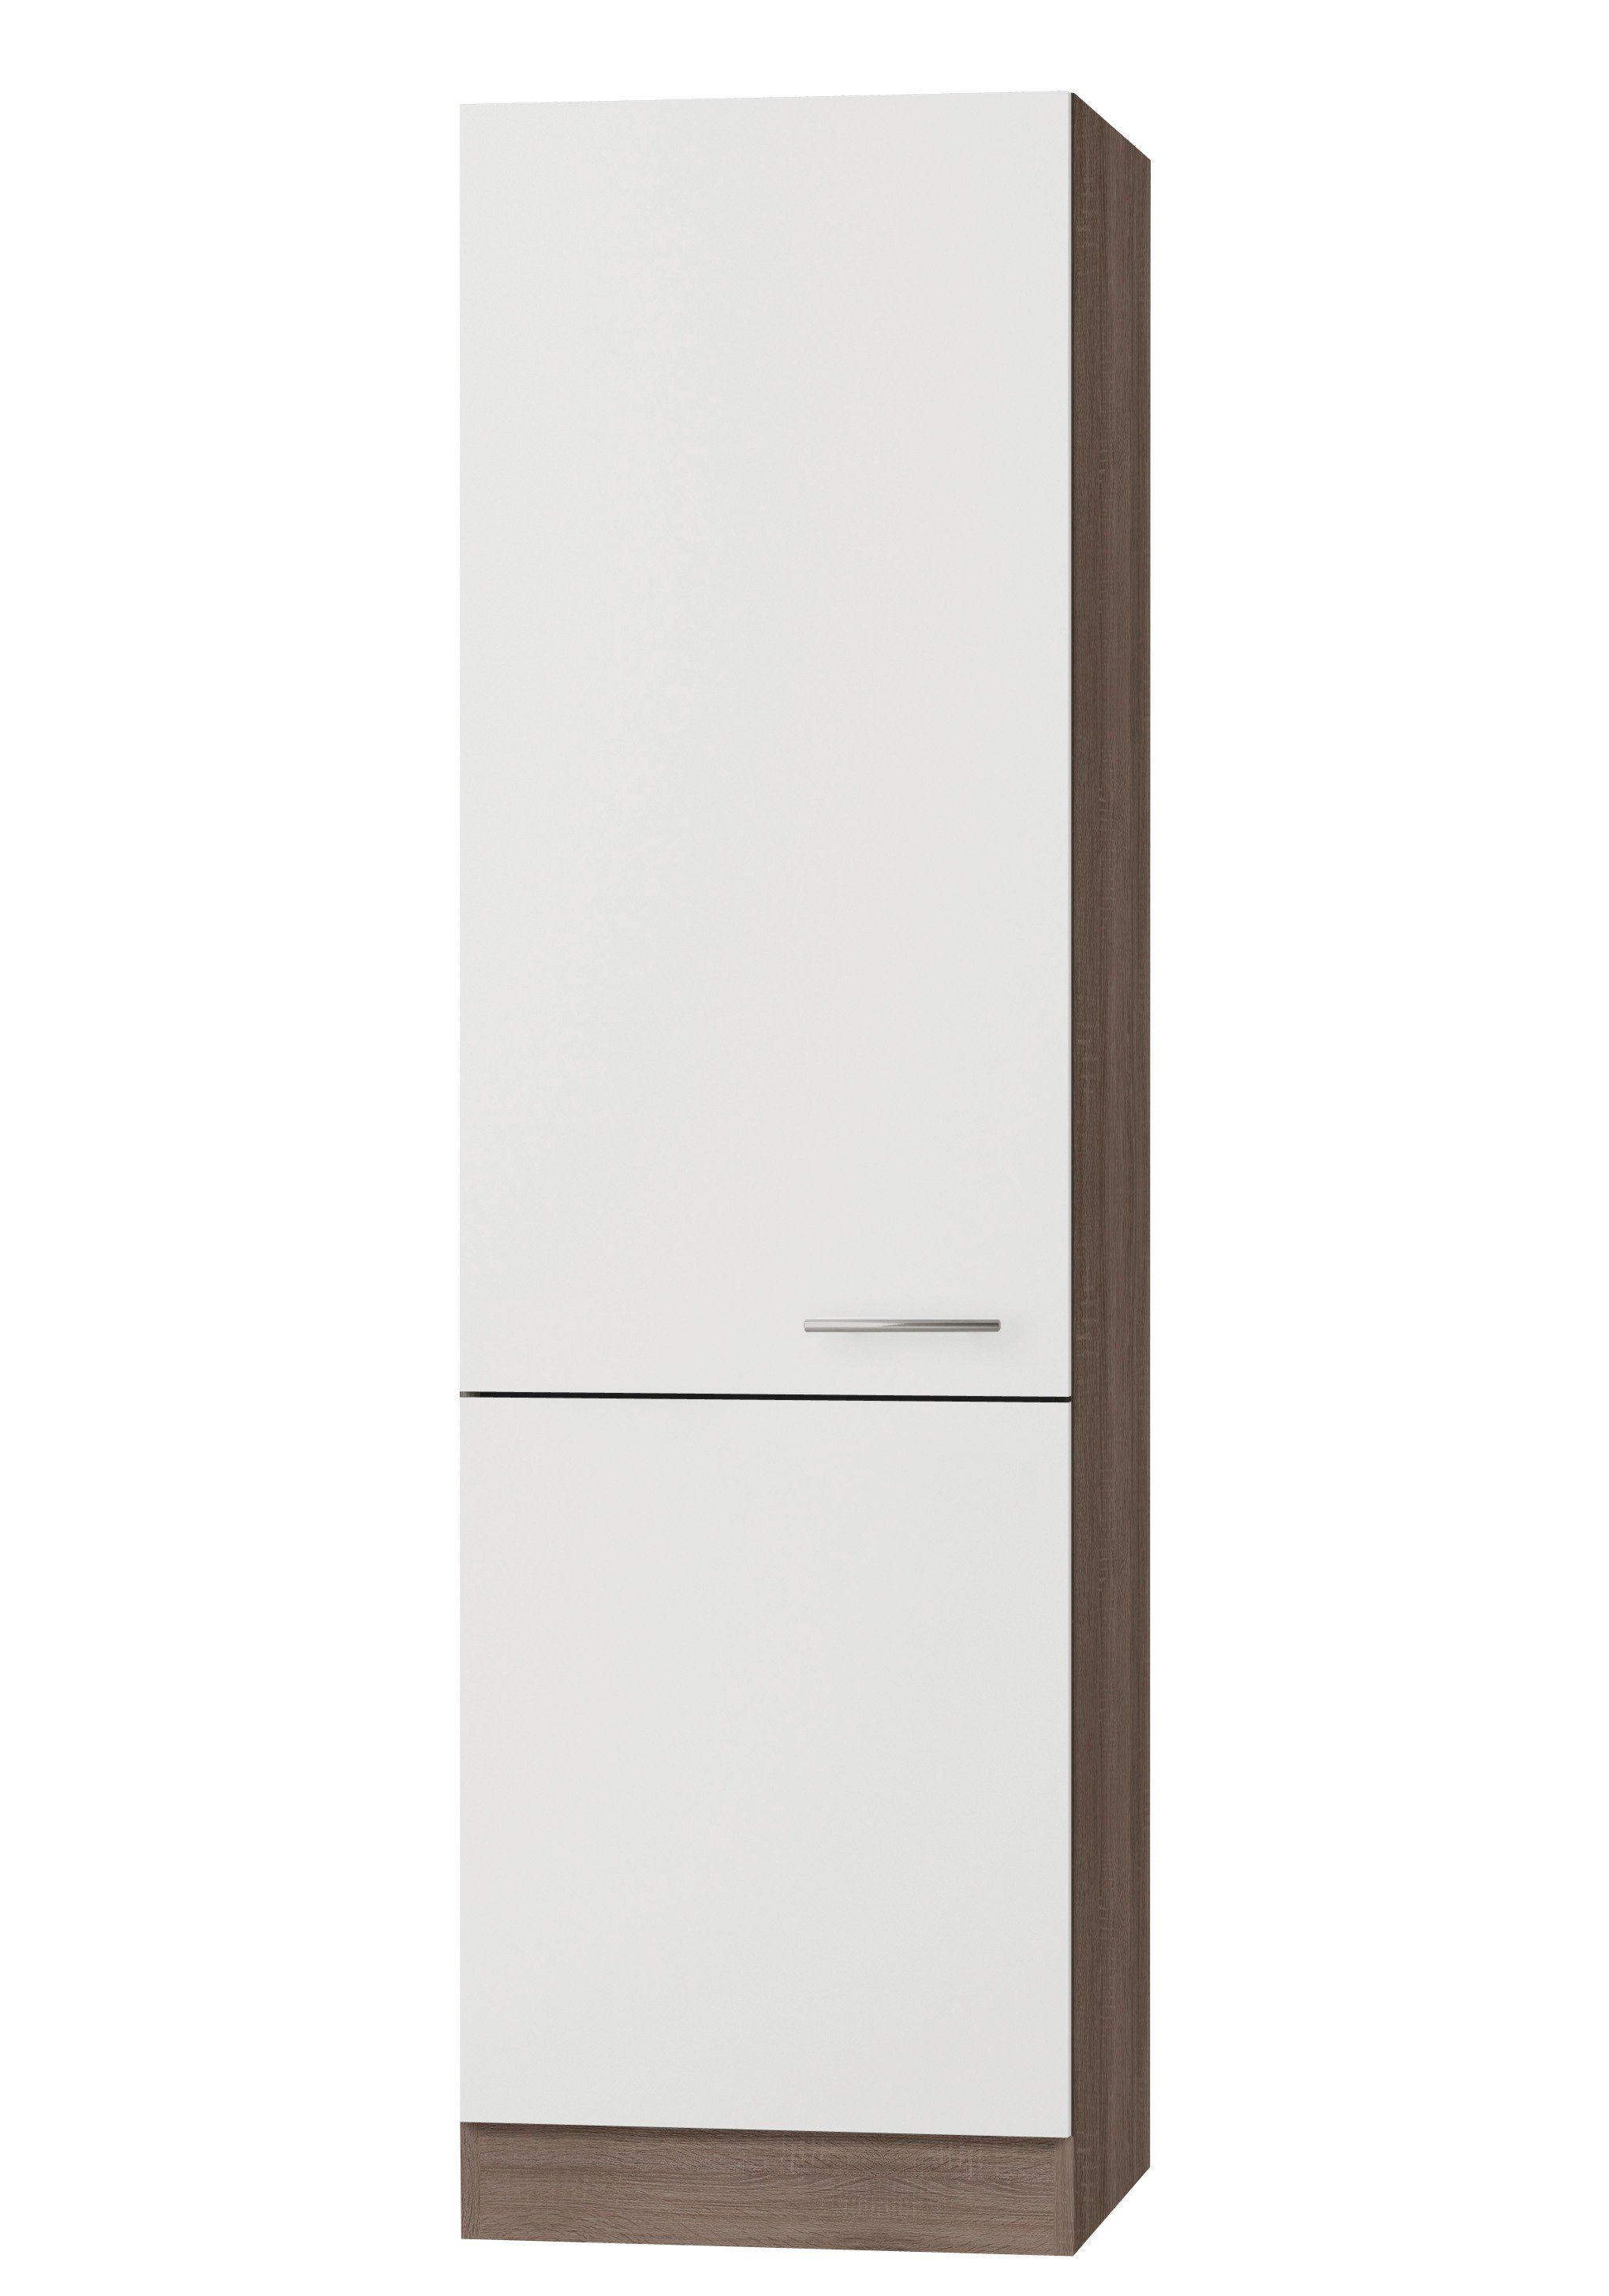 Optifit Vorratsschrank »Rabat«, Breite 60 cm